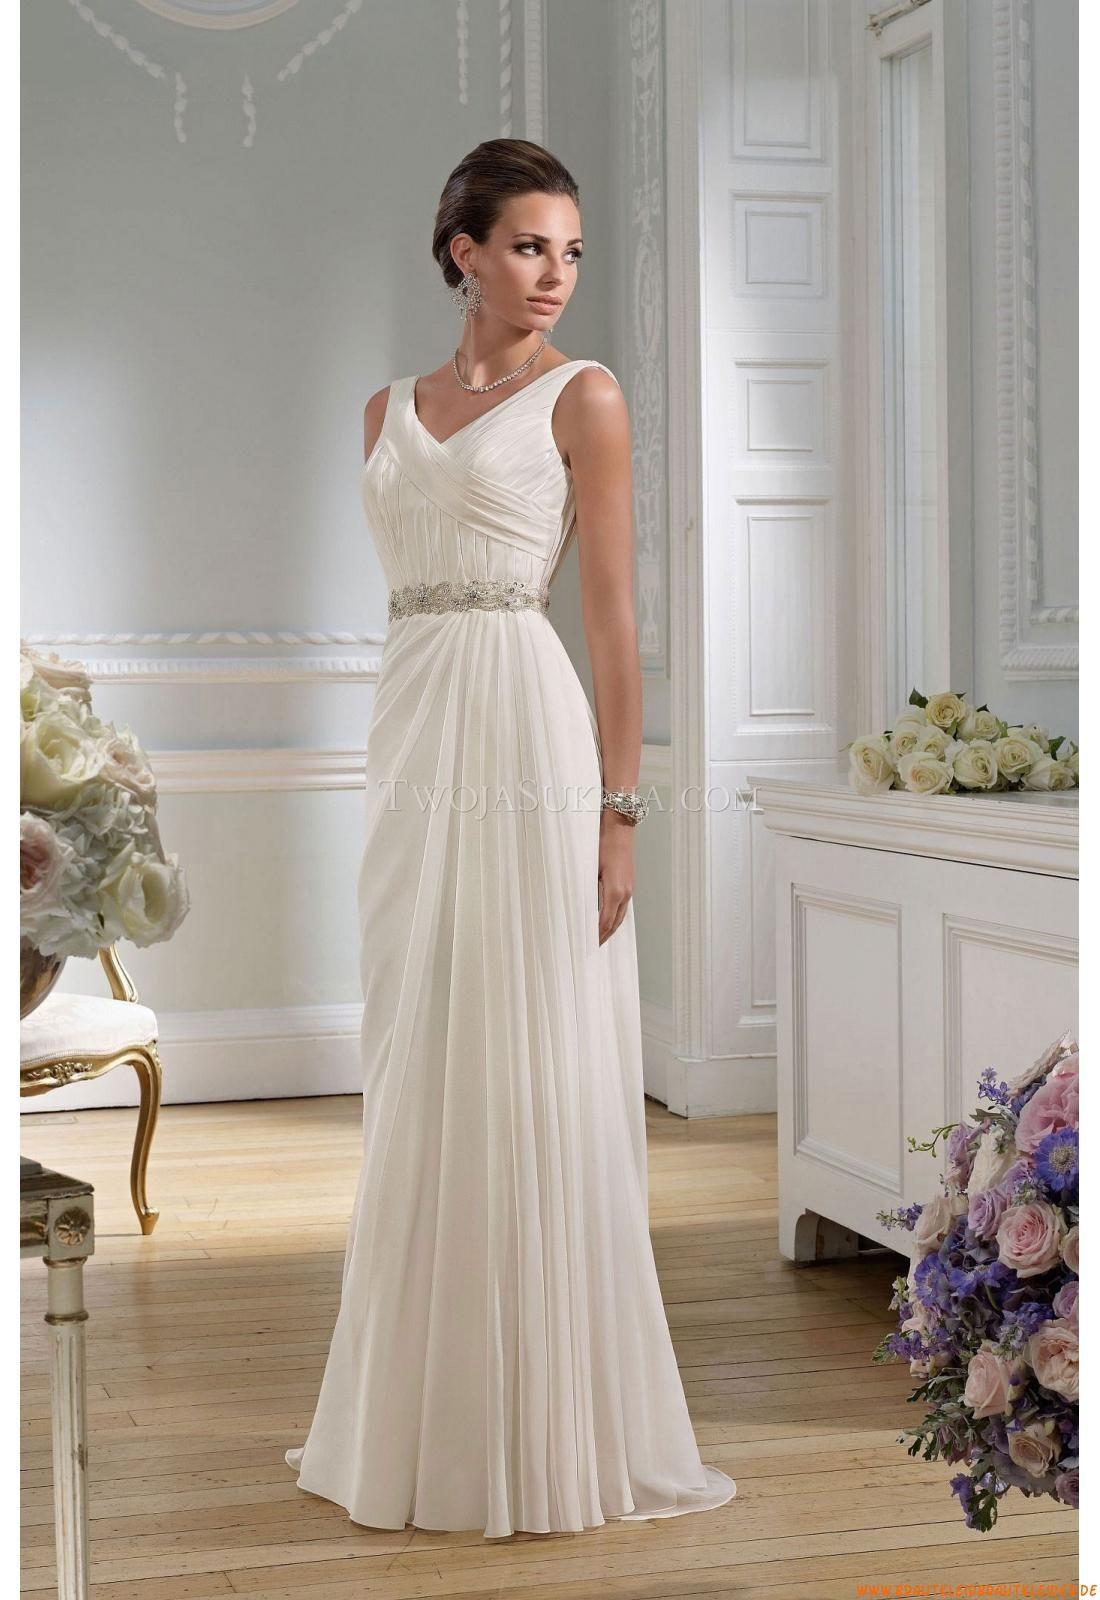 V-neck Schlicht Mollig Elegante Brautkleider 16 aus Chiffon